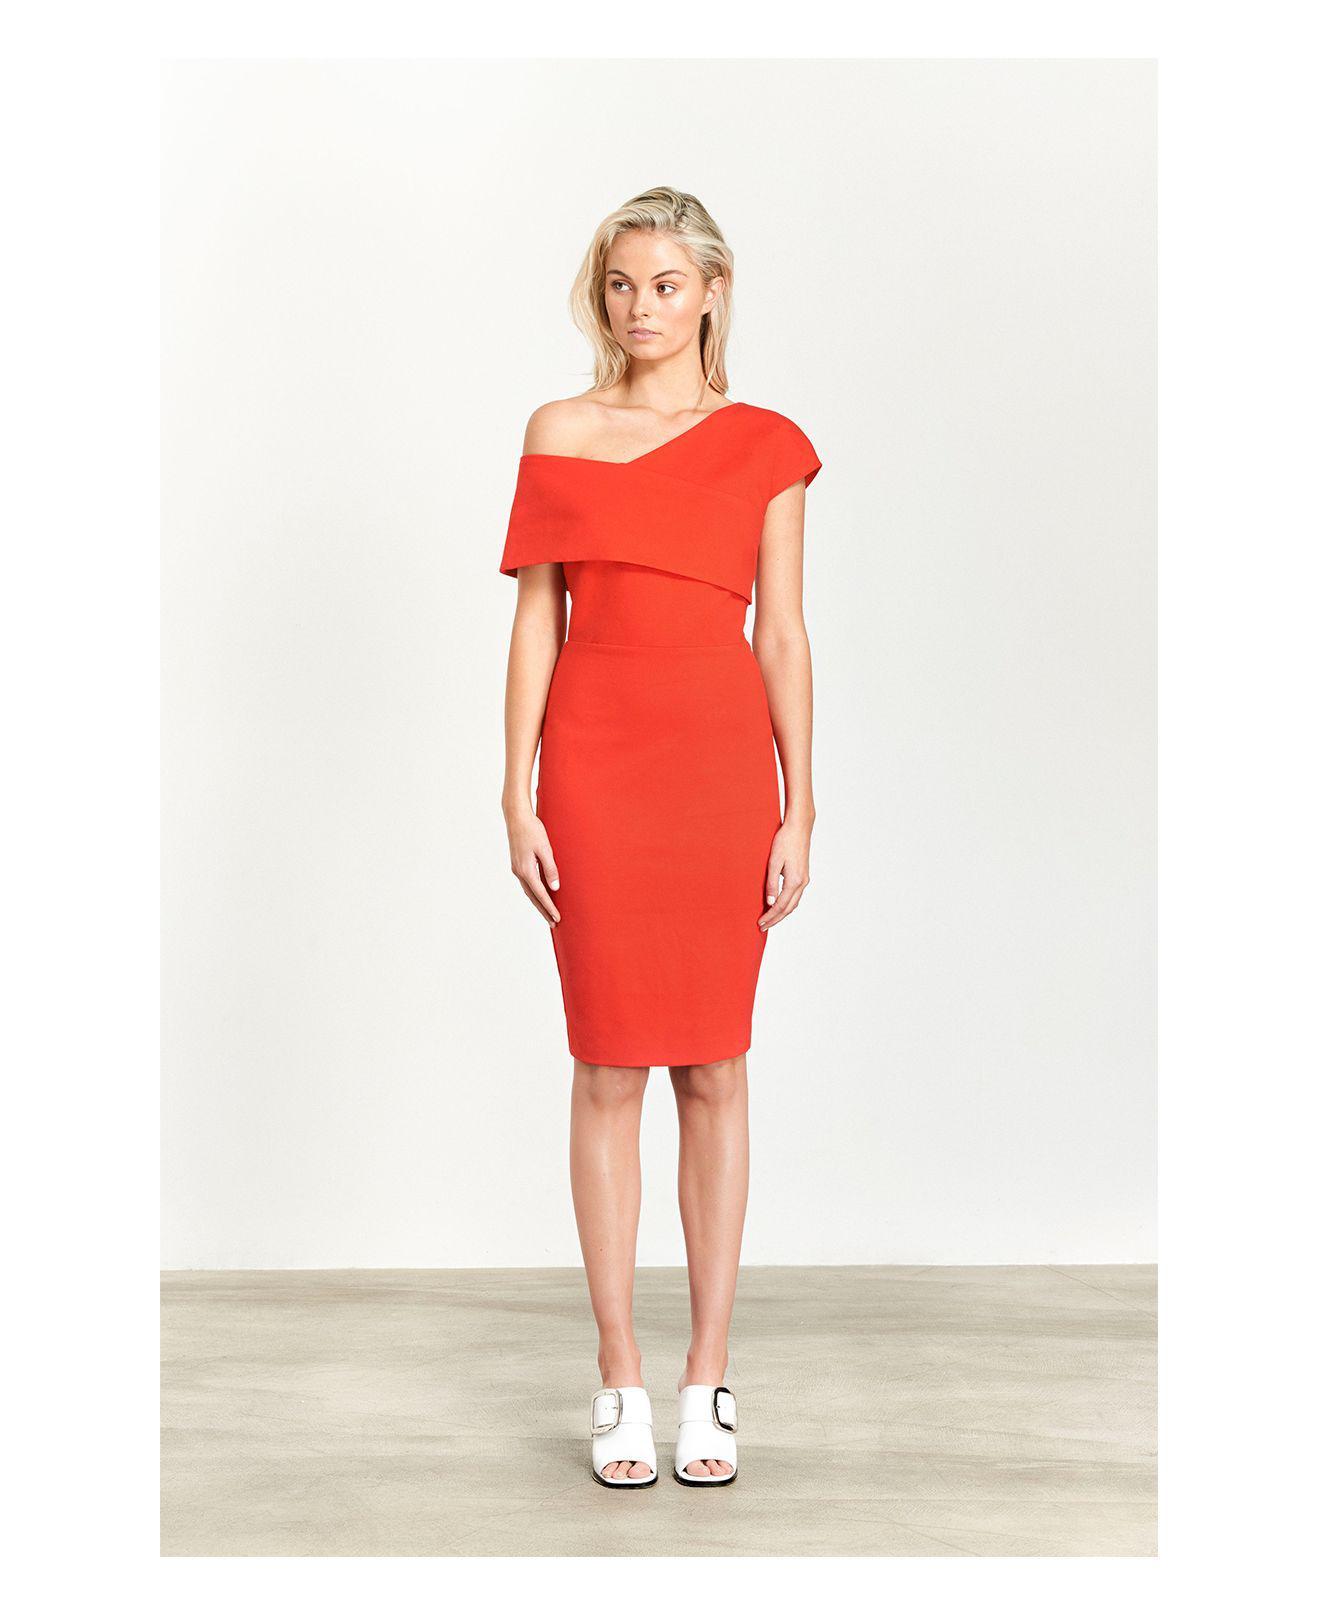 8ae72164e5915 Elliatt Emulate One-shoulder Dress in Red - Lyst